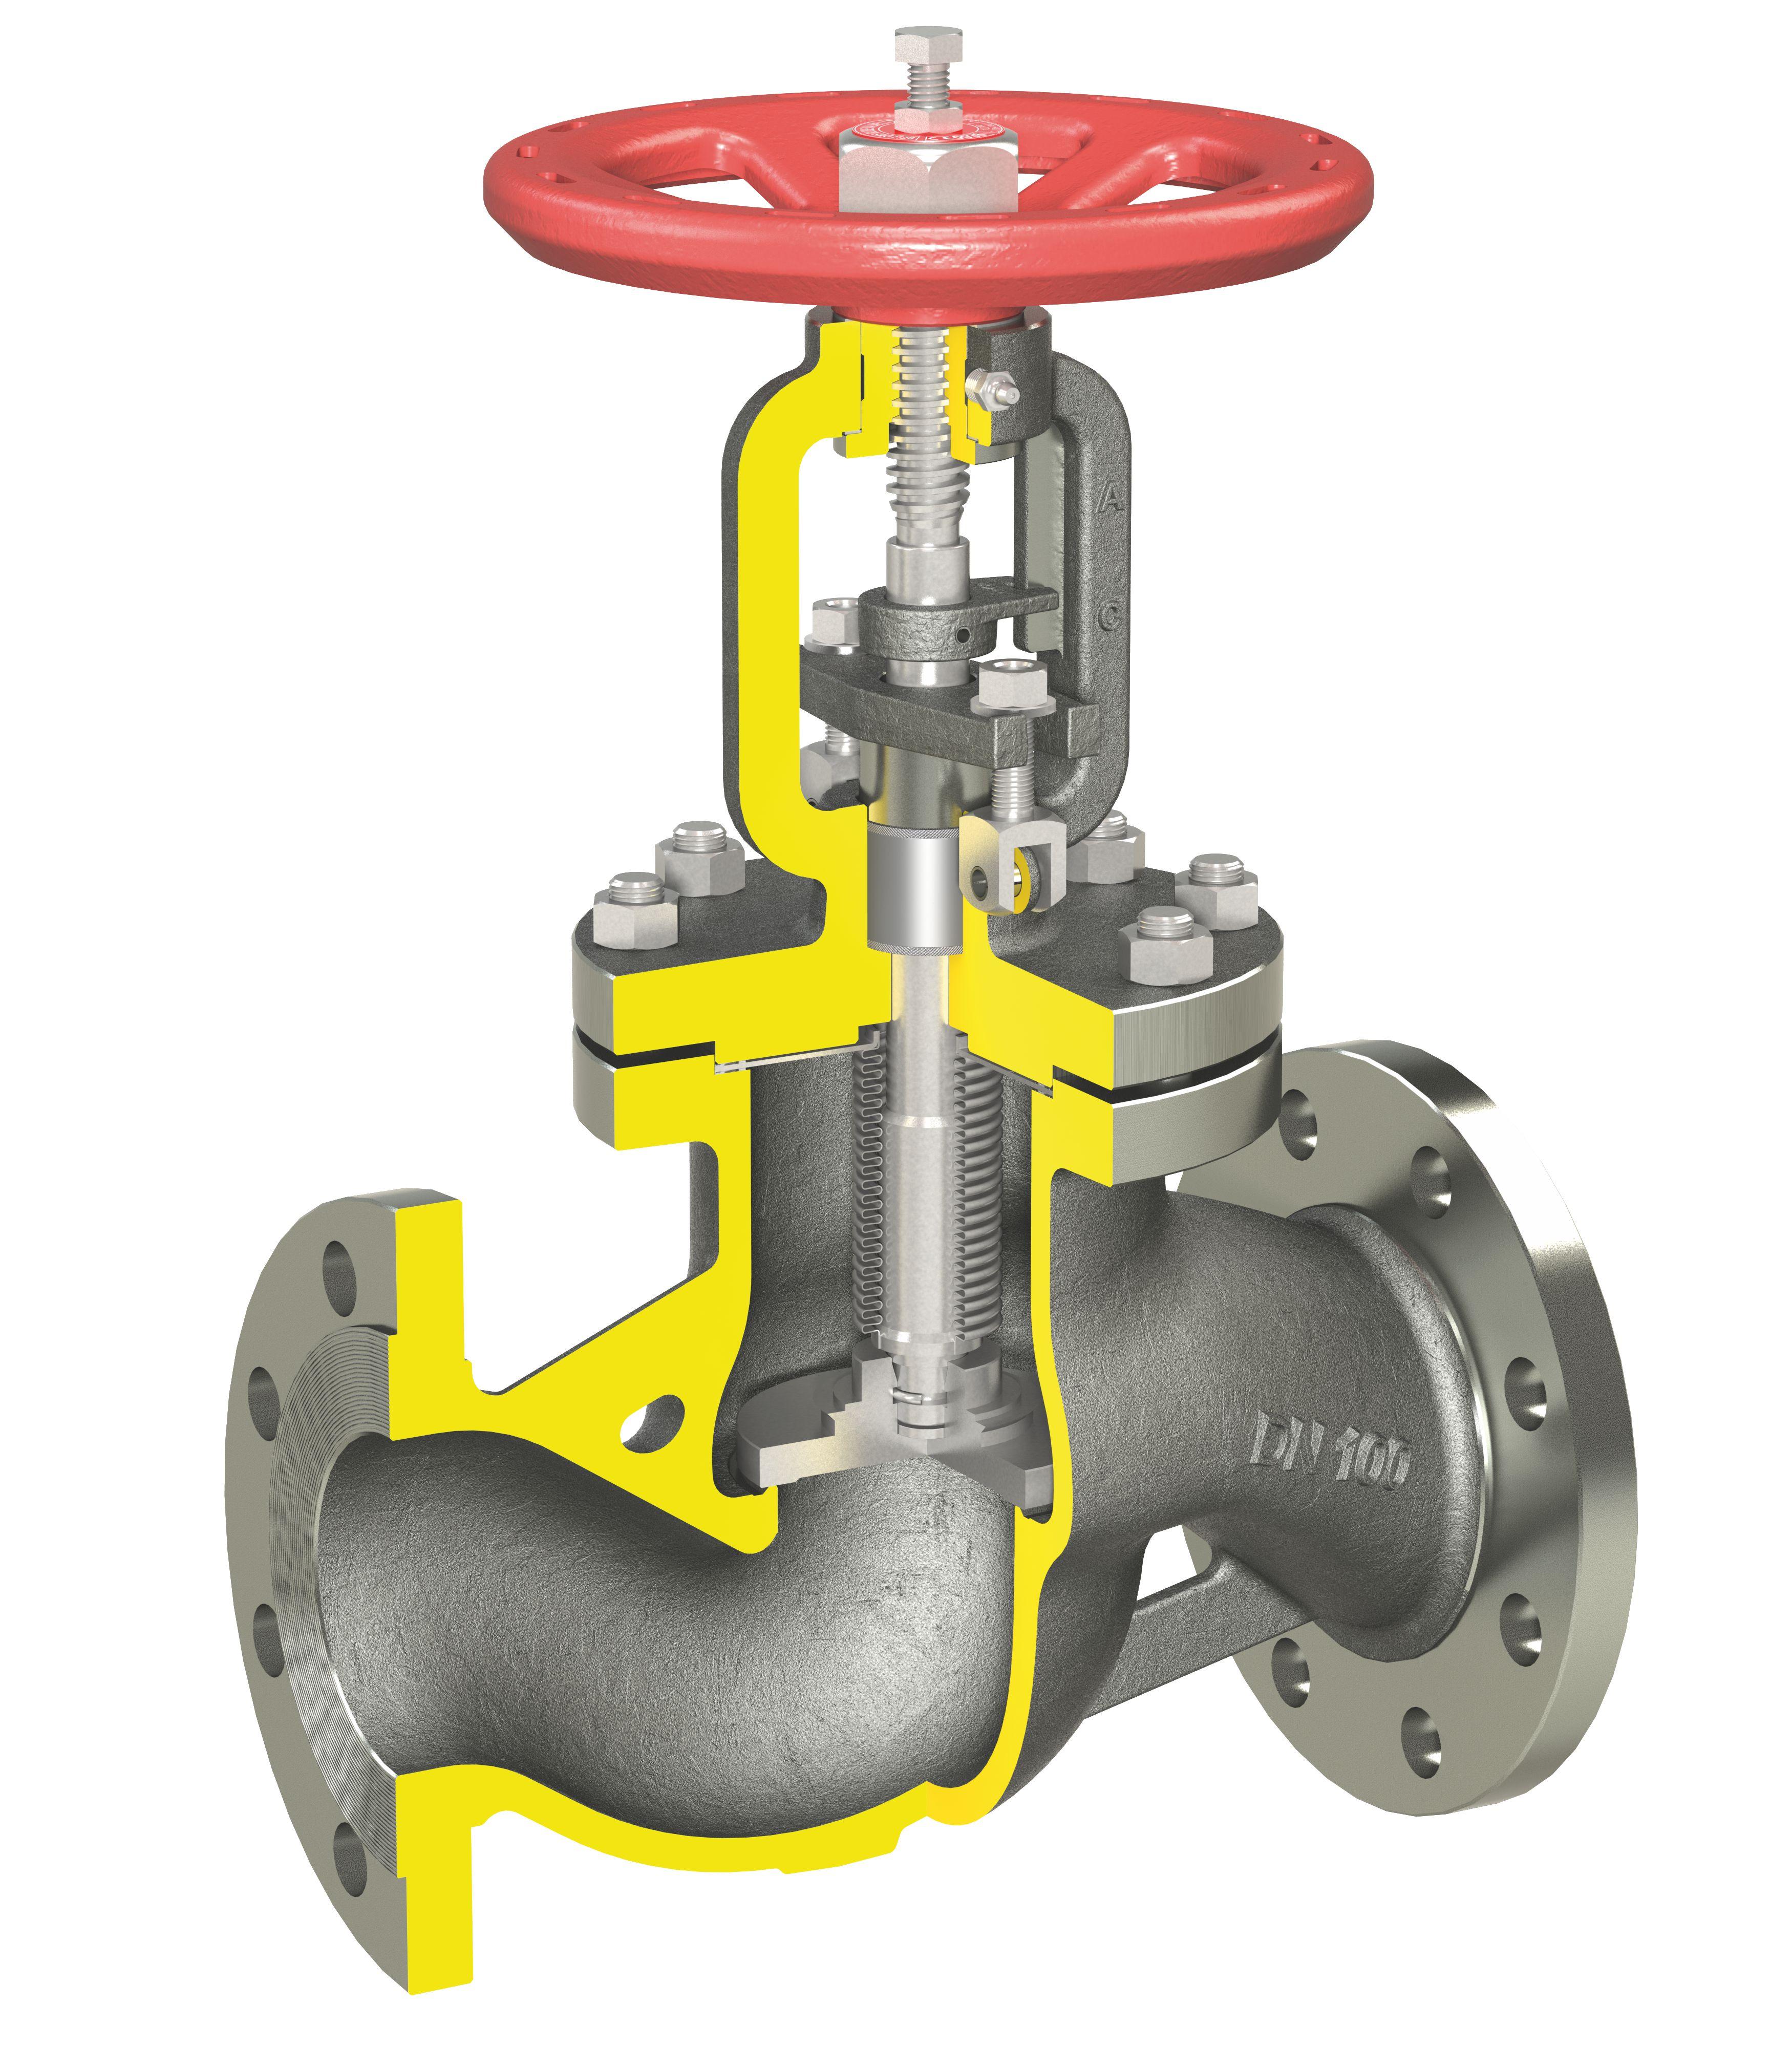 Арматура для отопления: что это такое, запорная регулирующая продукция для систем горячего водоснабжения, виды регулировочных изделий